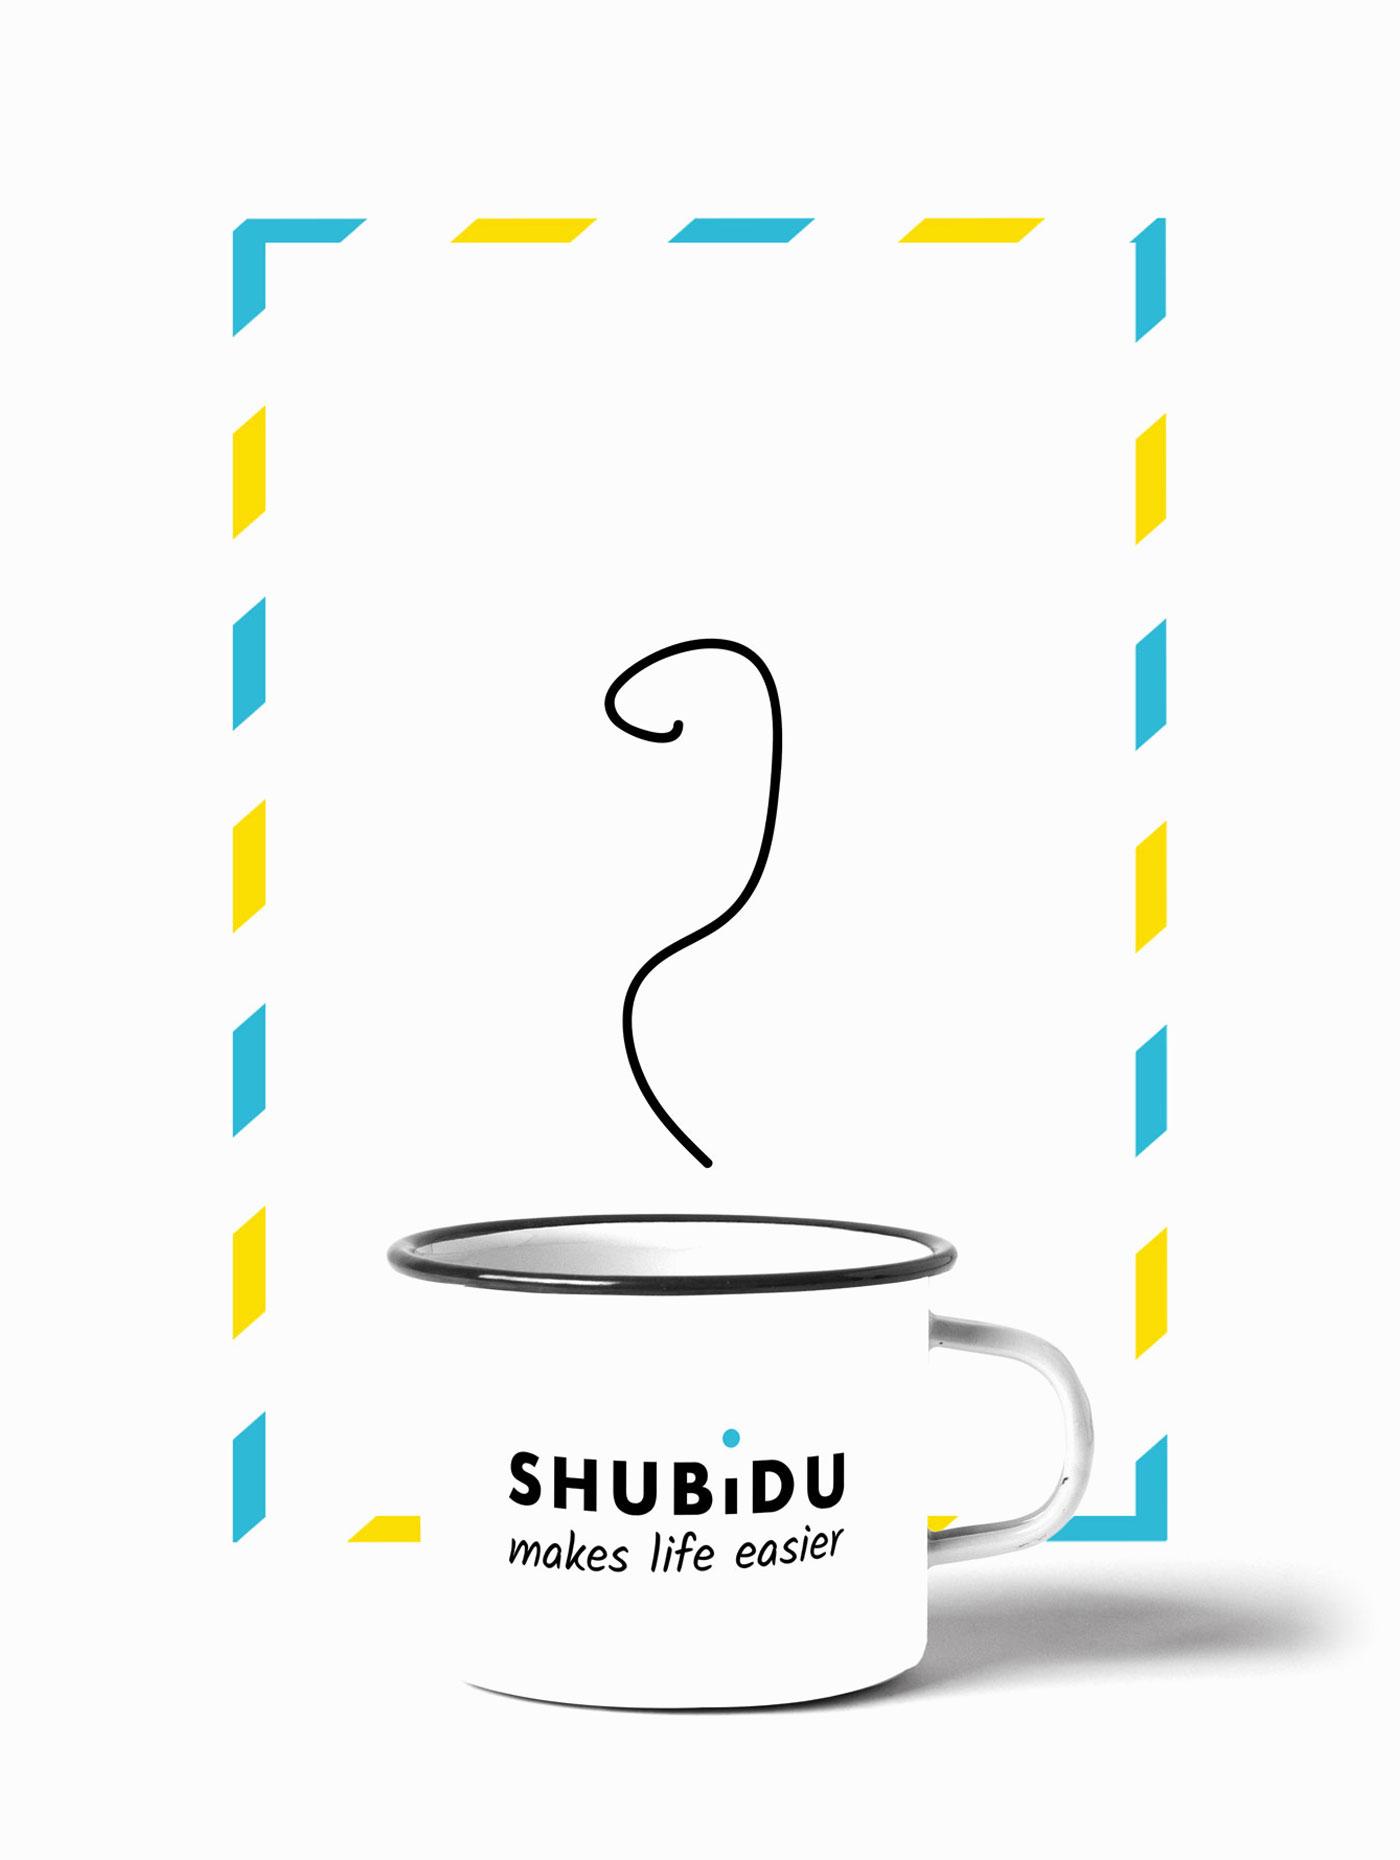 Logodesign von Schweizer App auf Tasse gedruckt